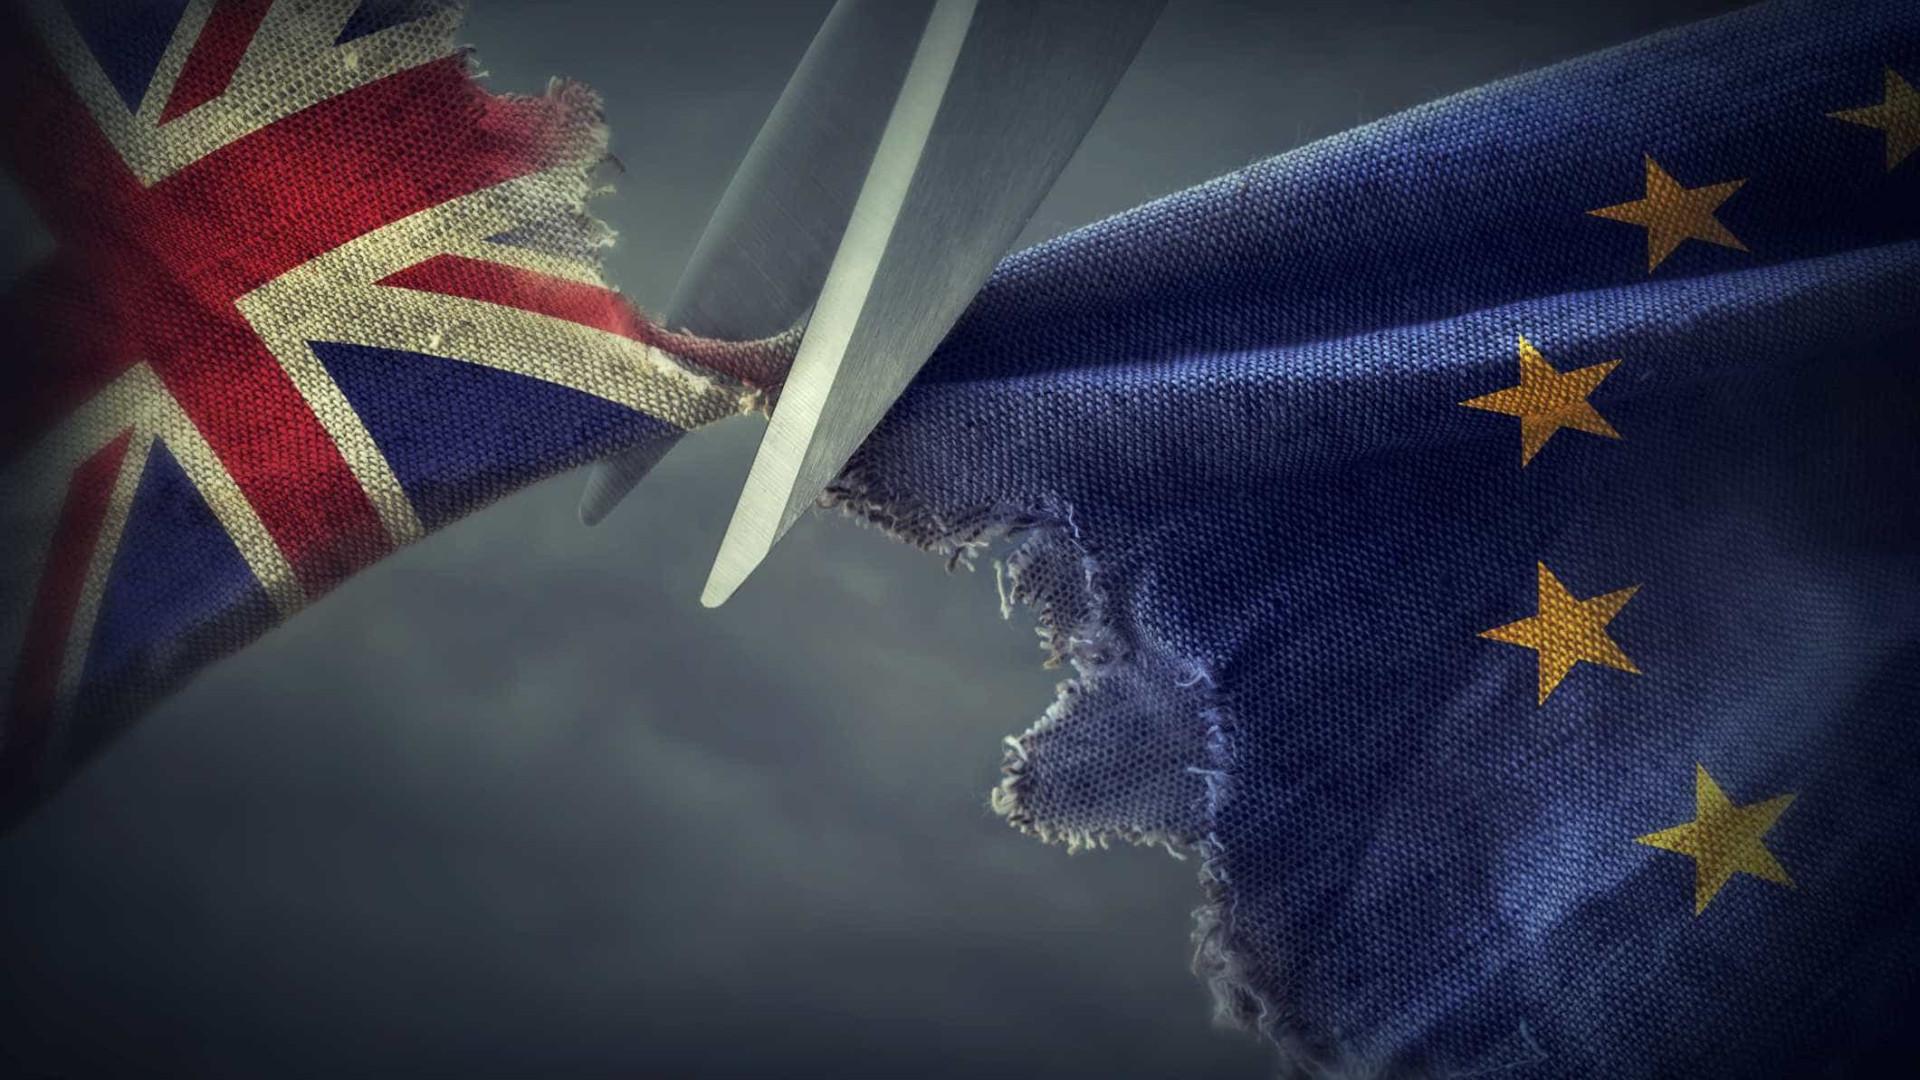 Bruxelas reitera que negociações com Londres continuam na primeira fase